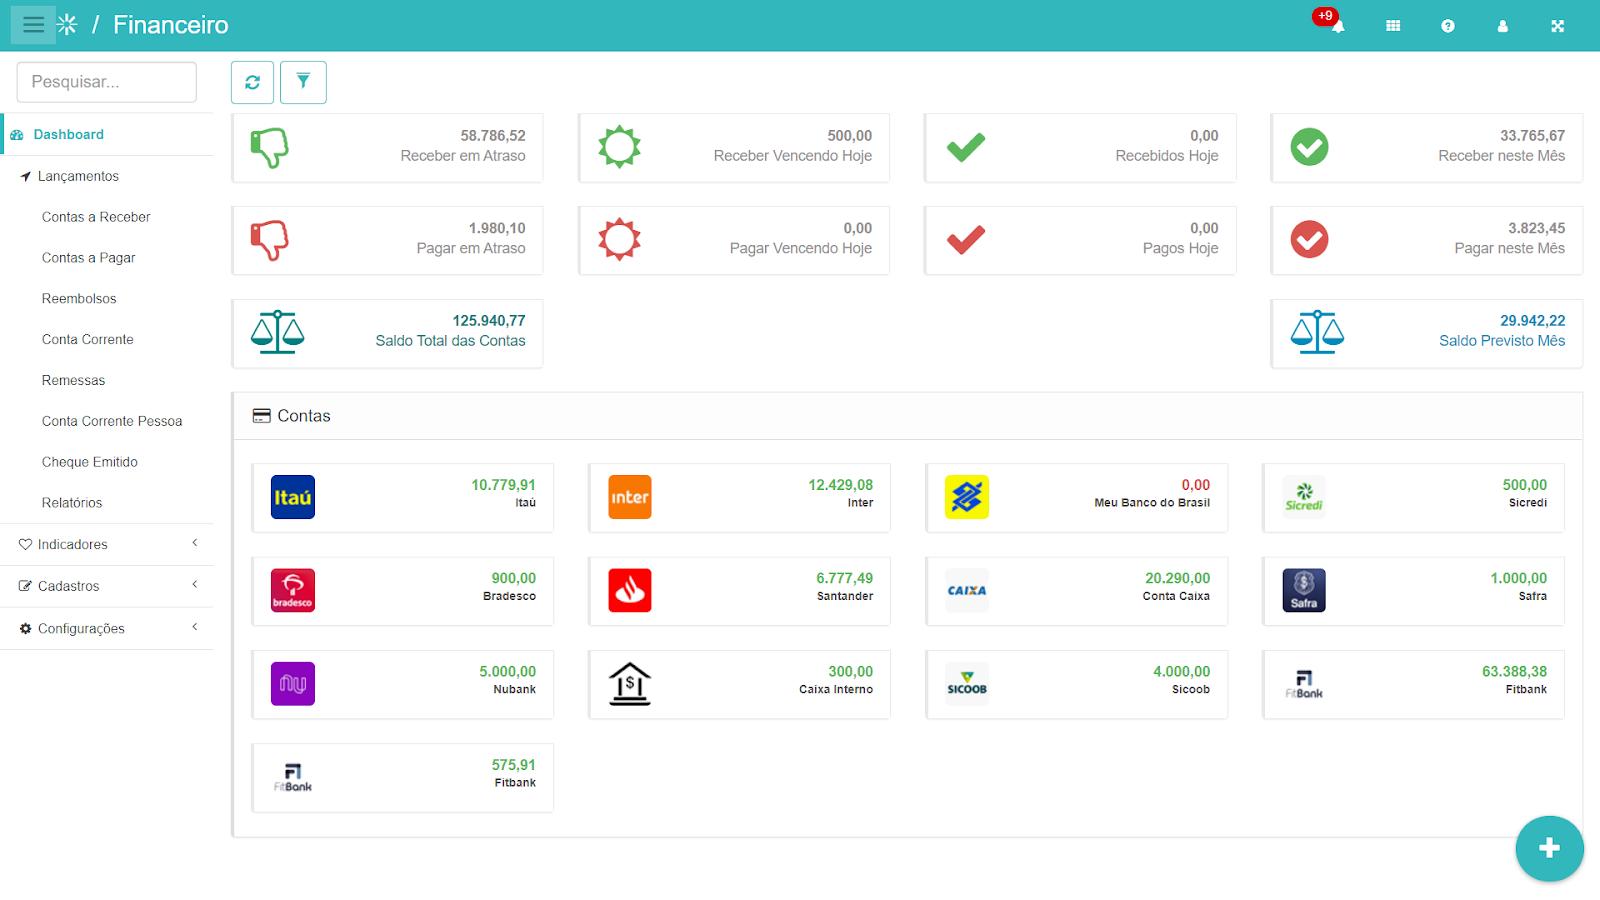 Nova-Dashboard-Financeiro